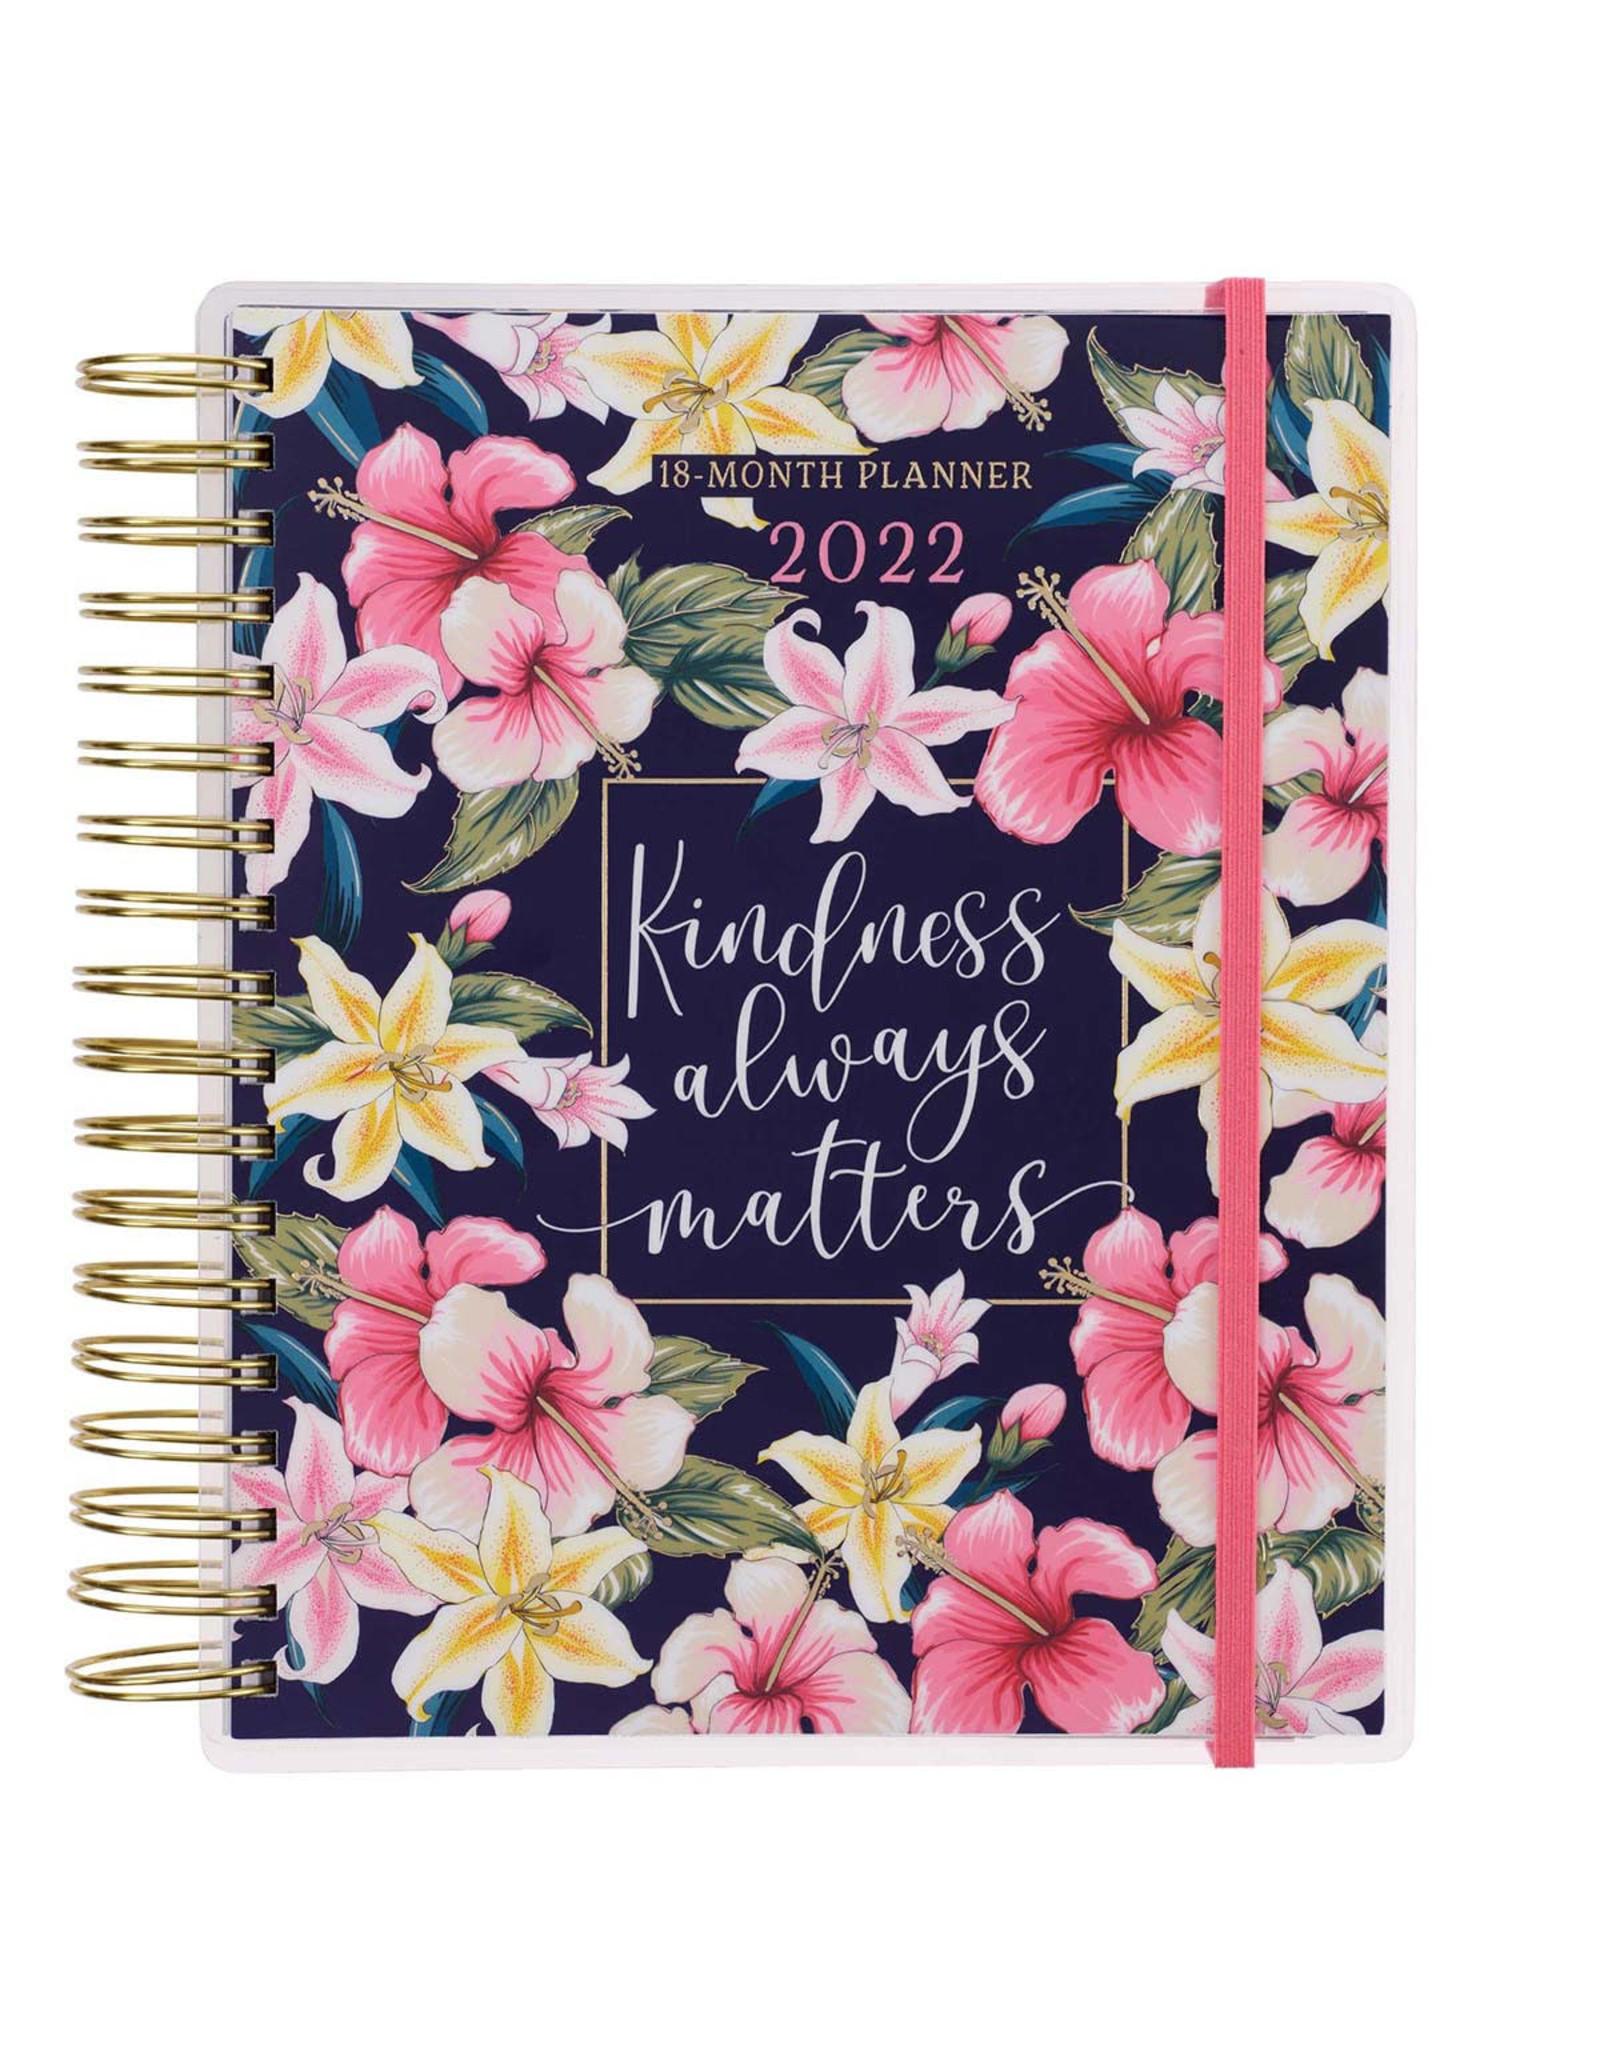 2022 Kindness Always Matters Wirebound 18 Month Planner For Women